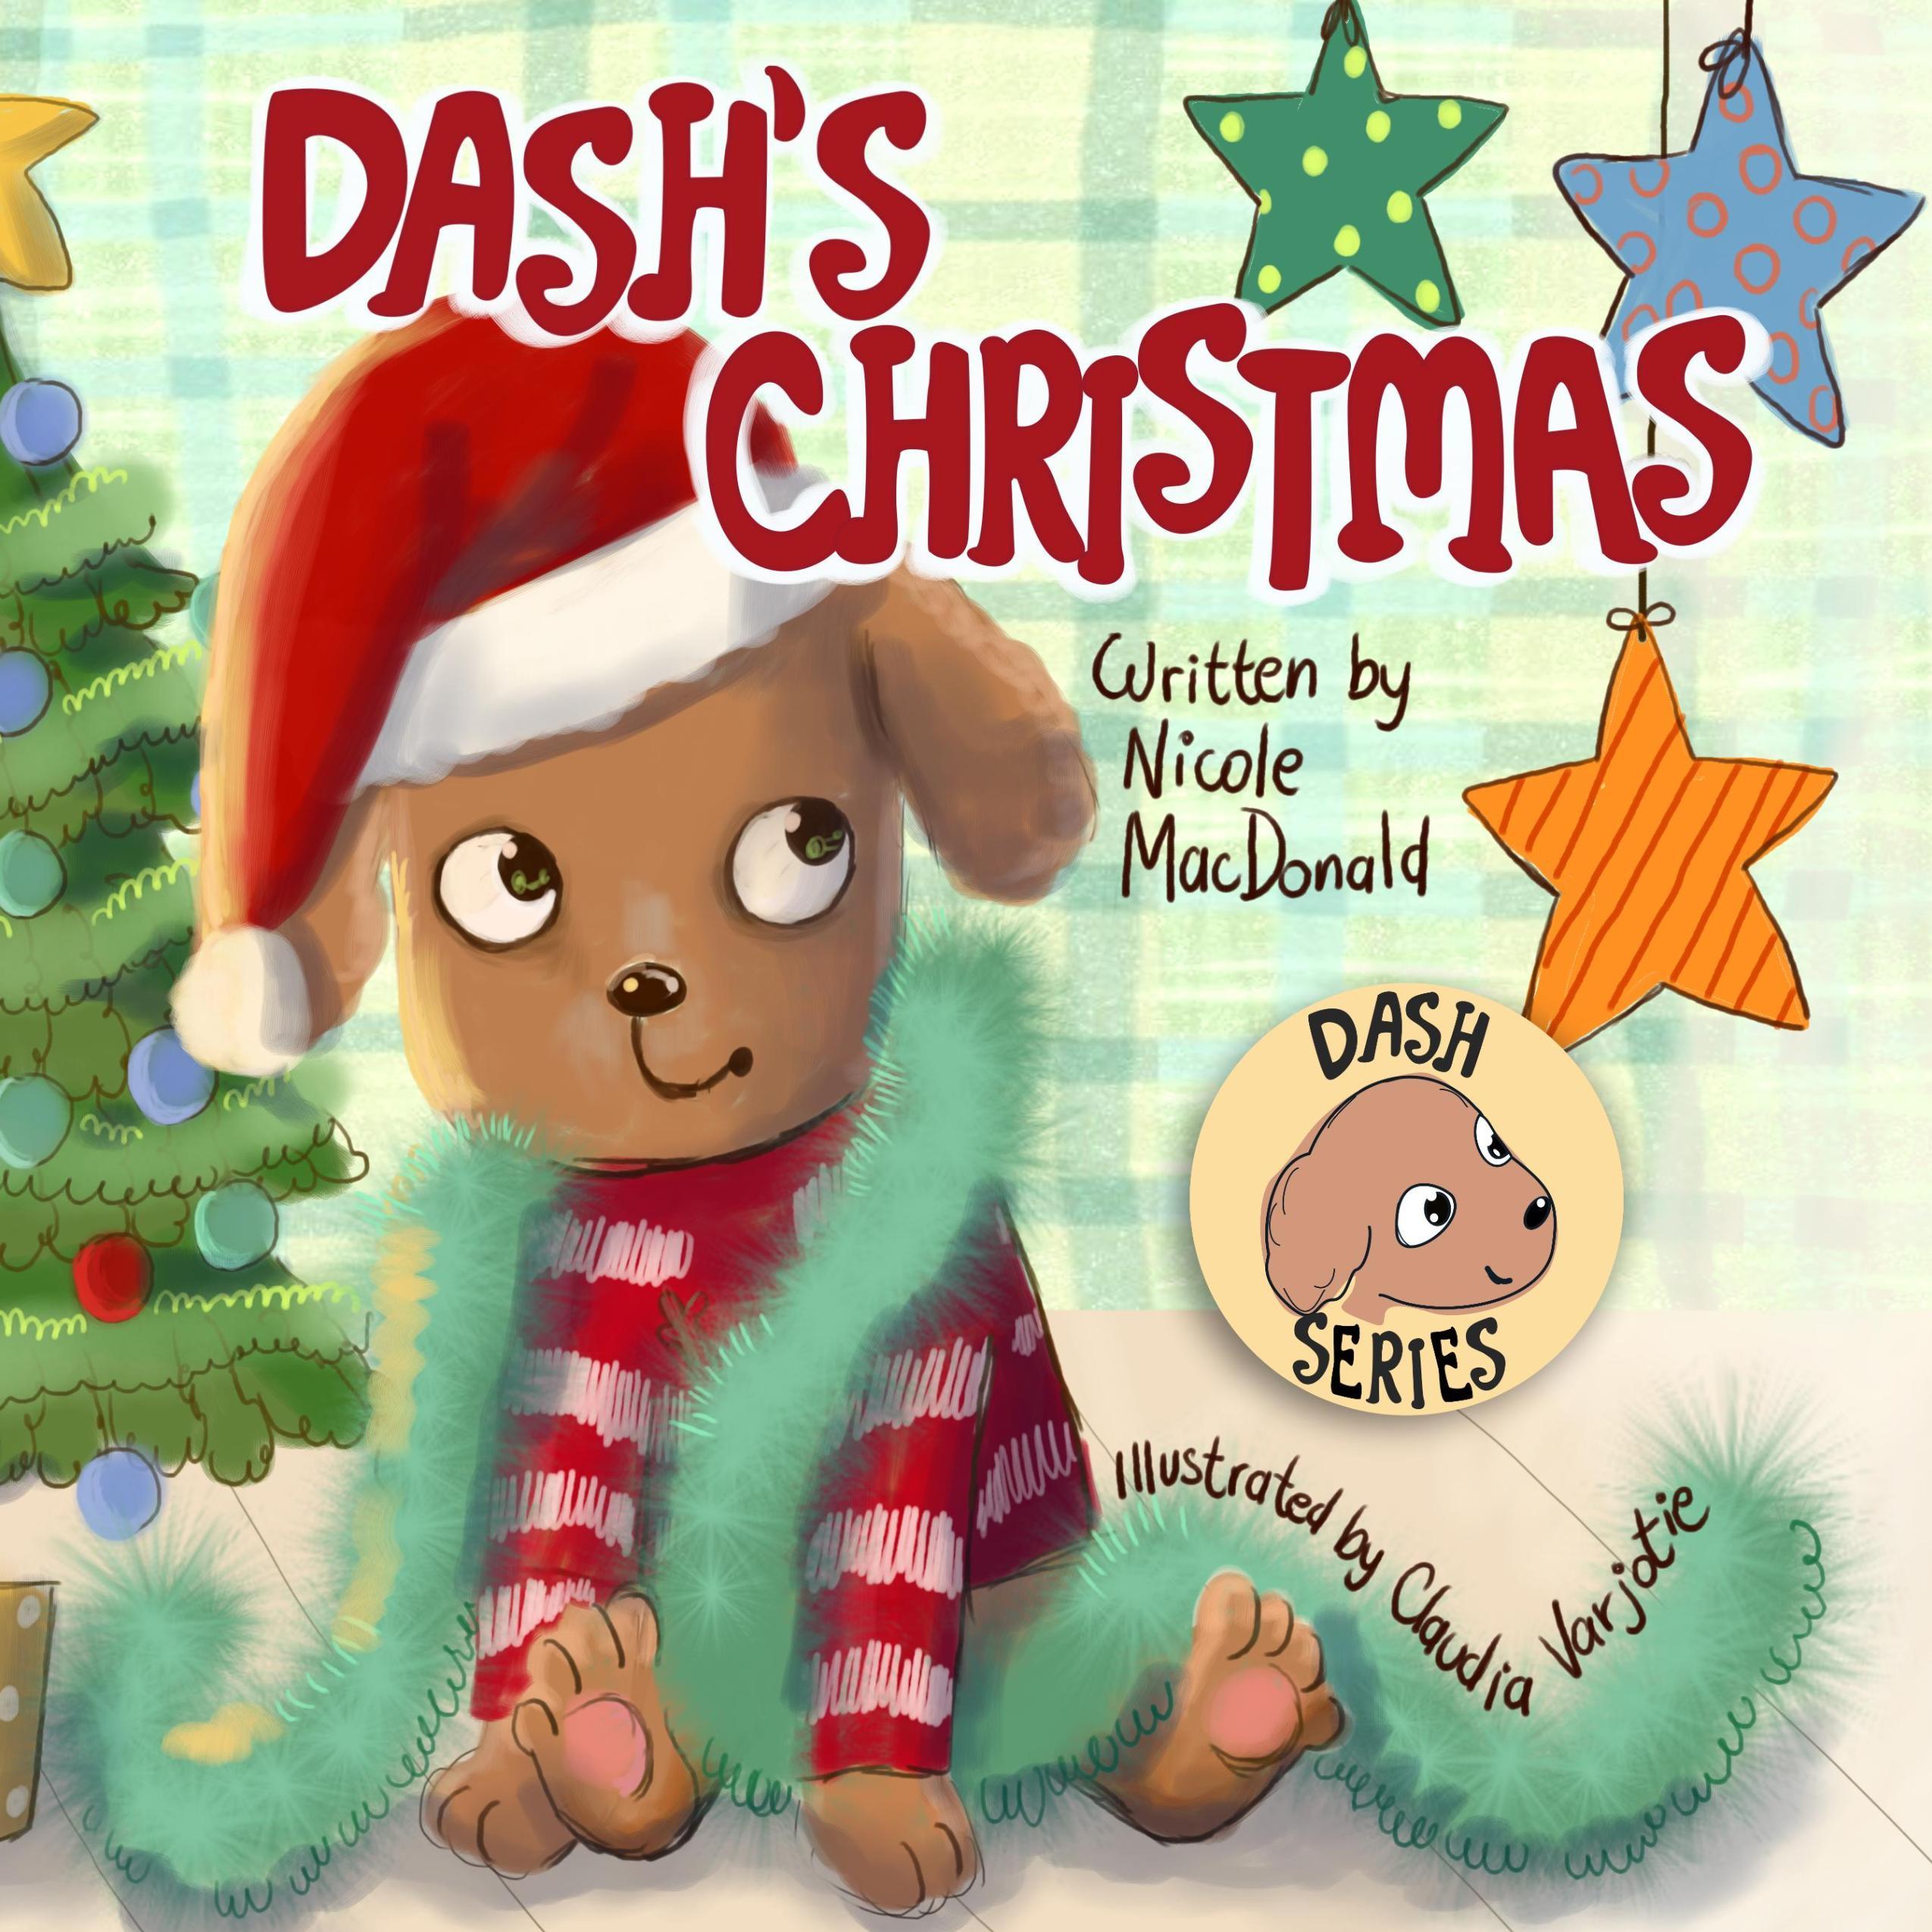 Dash's Christmas